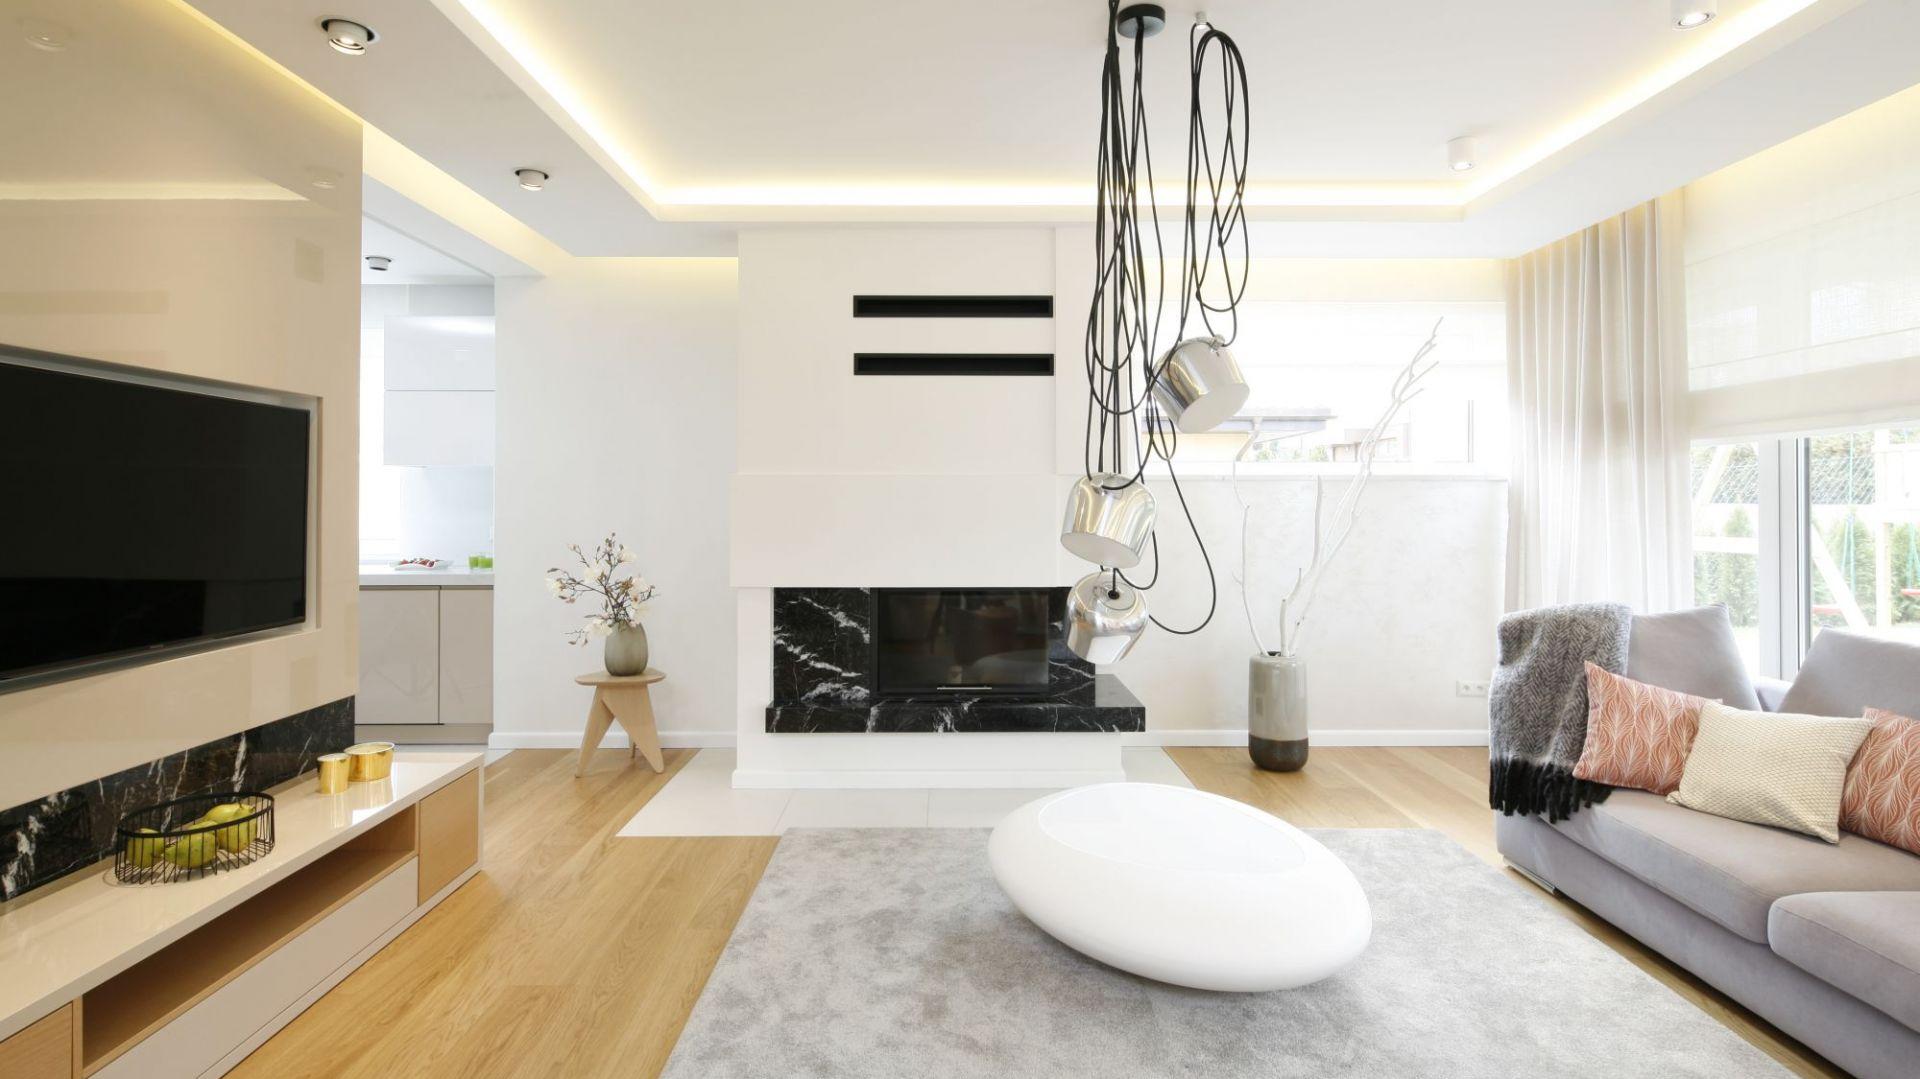 Zasłony w salonie - doskonały sposób na dekorację okna. Projekt: Agnieszka Hajdas-Obajtek. Fot. Bartosz Jarosz